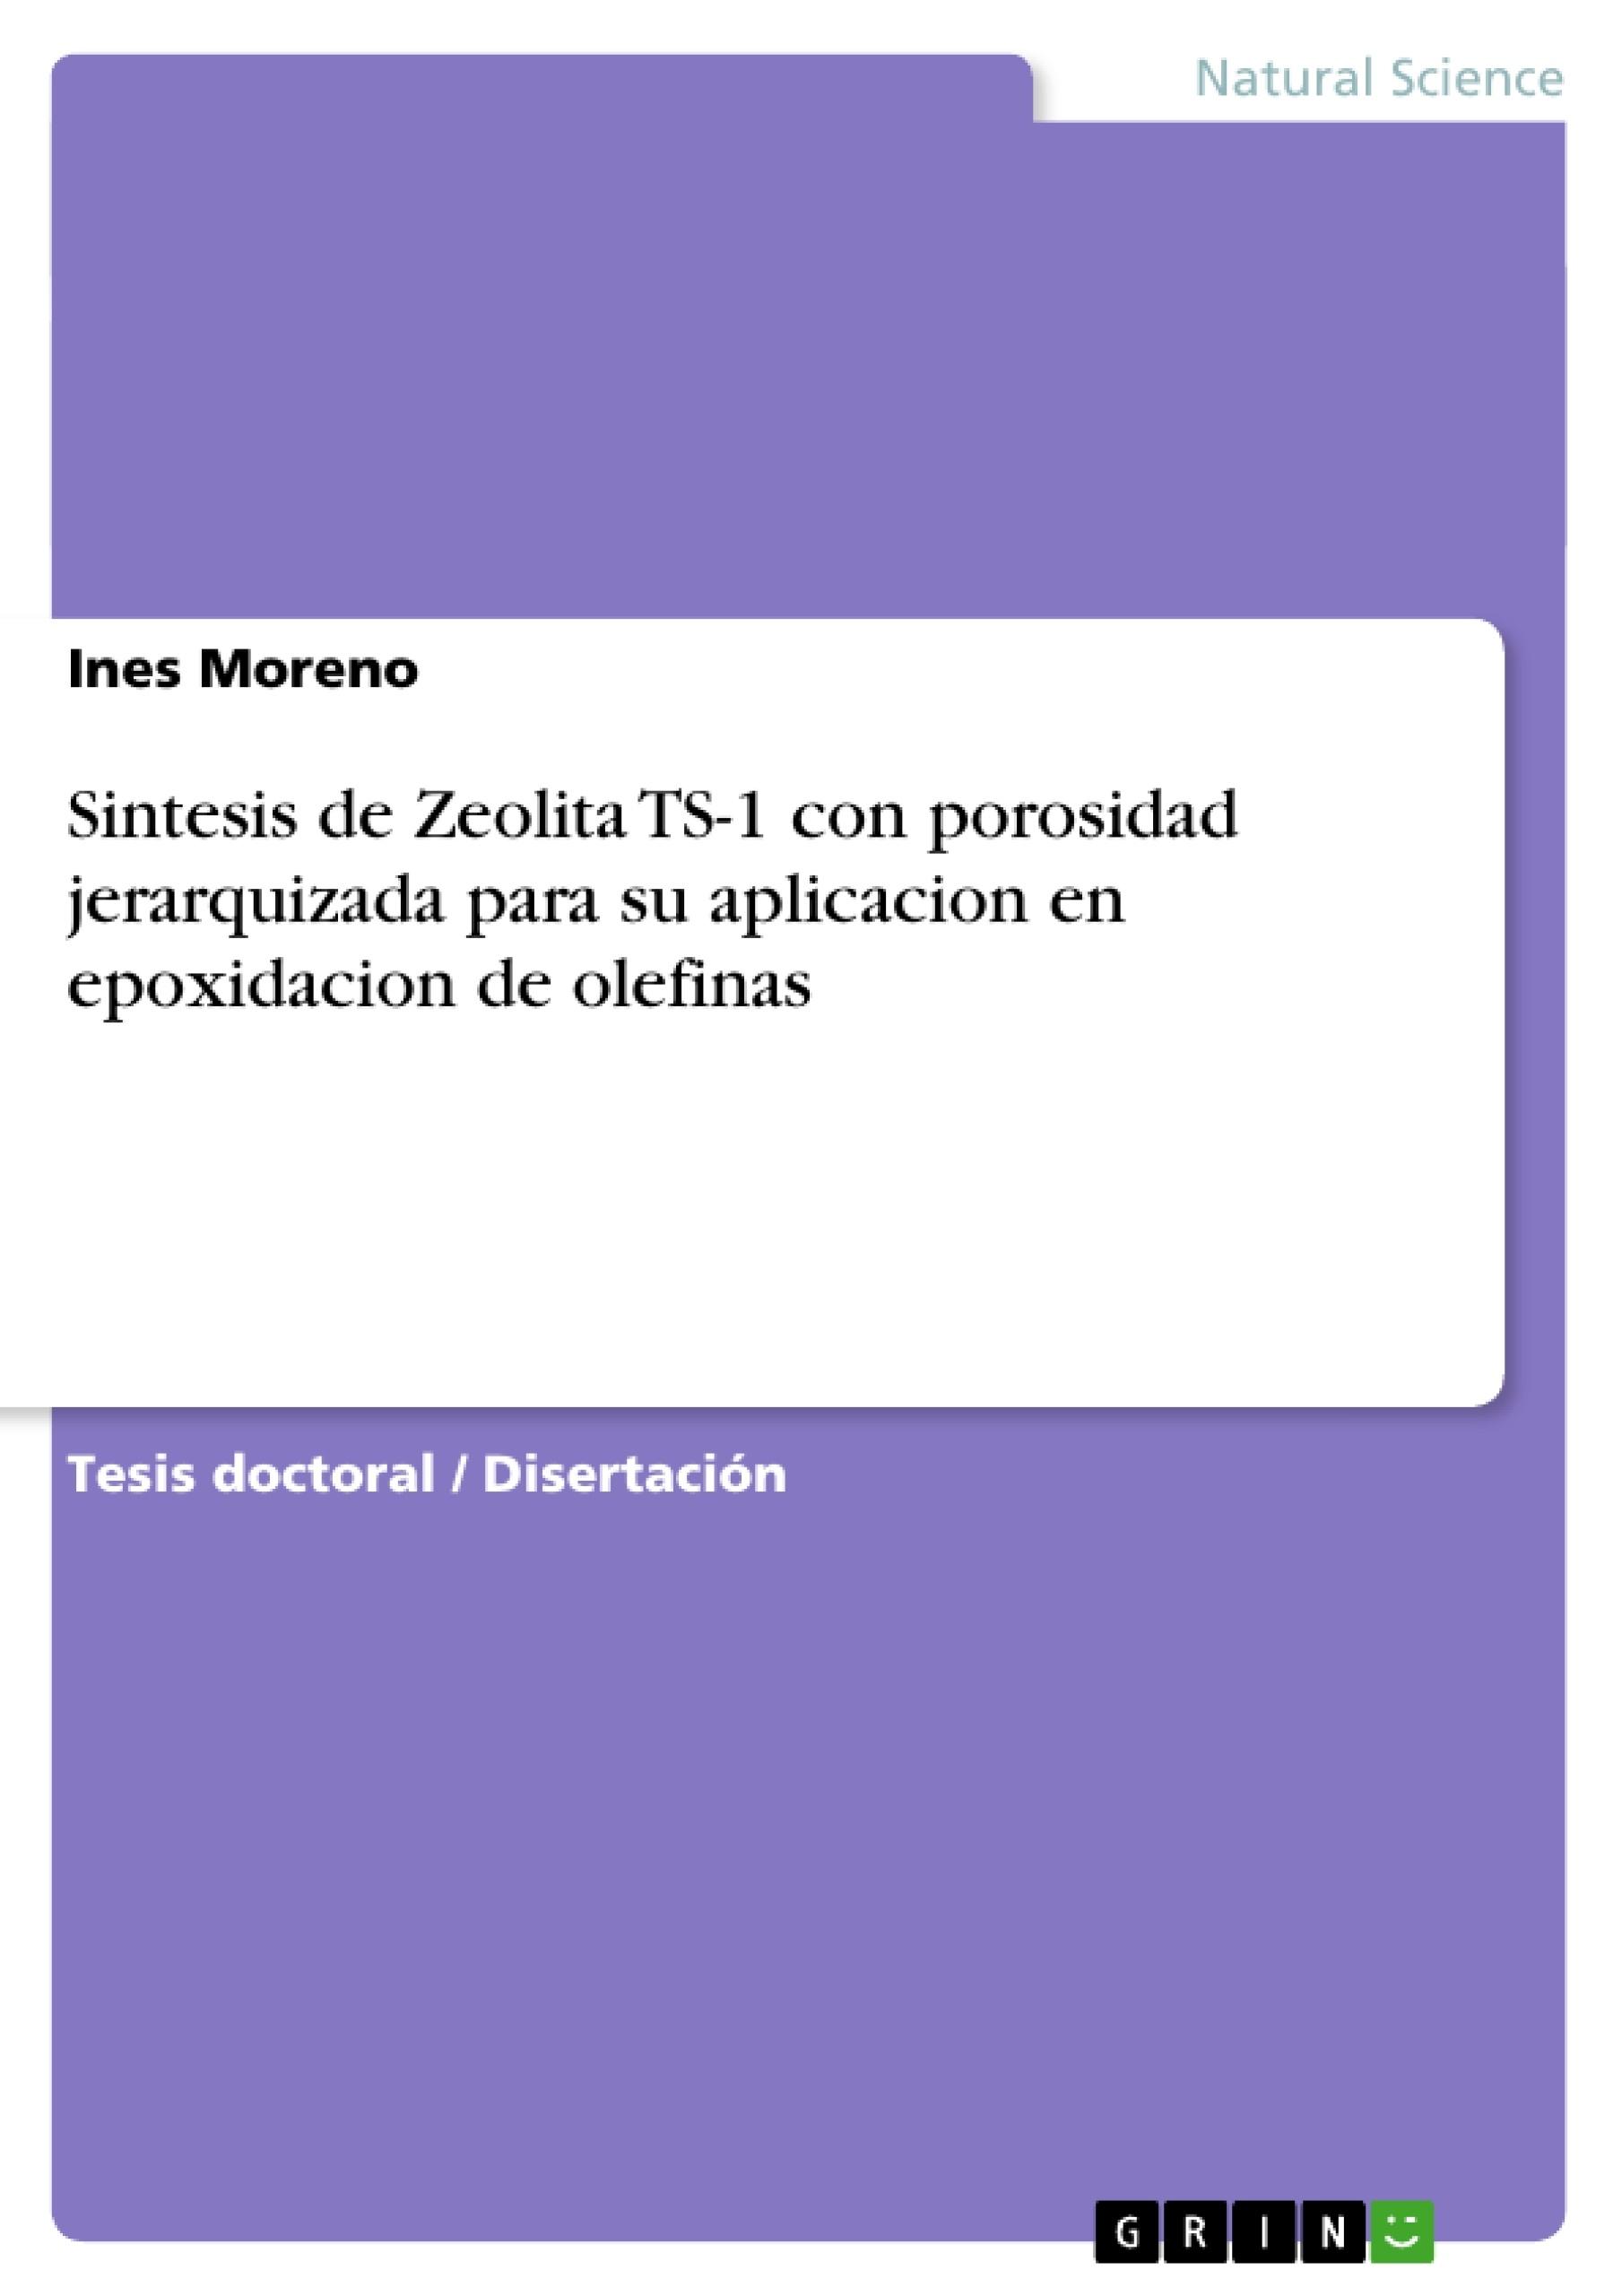 Título: Sintesis de Zeolita TS-1 con porosidad jerarquizada para su aplicacion en epoxidacion de olefinas